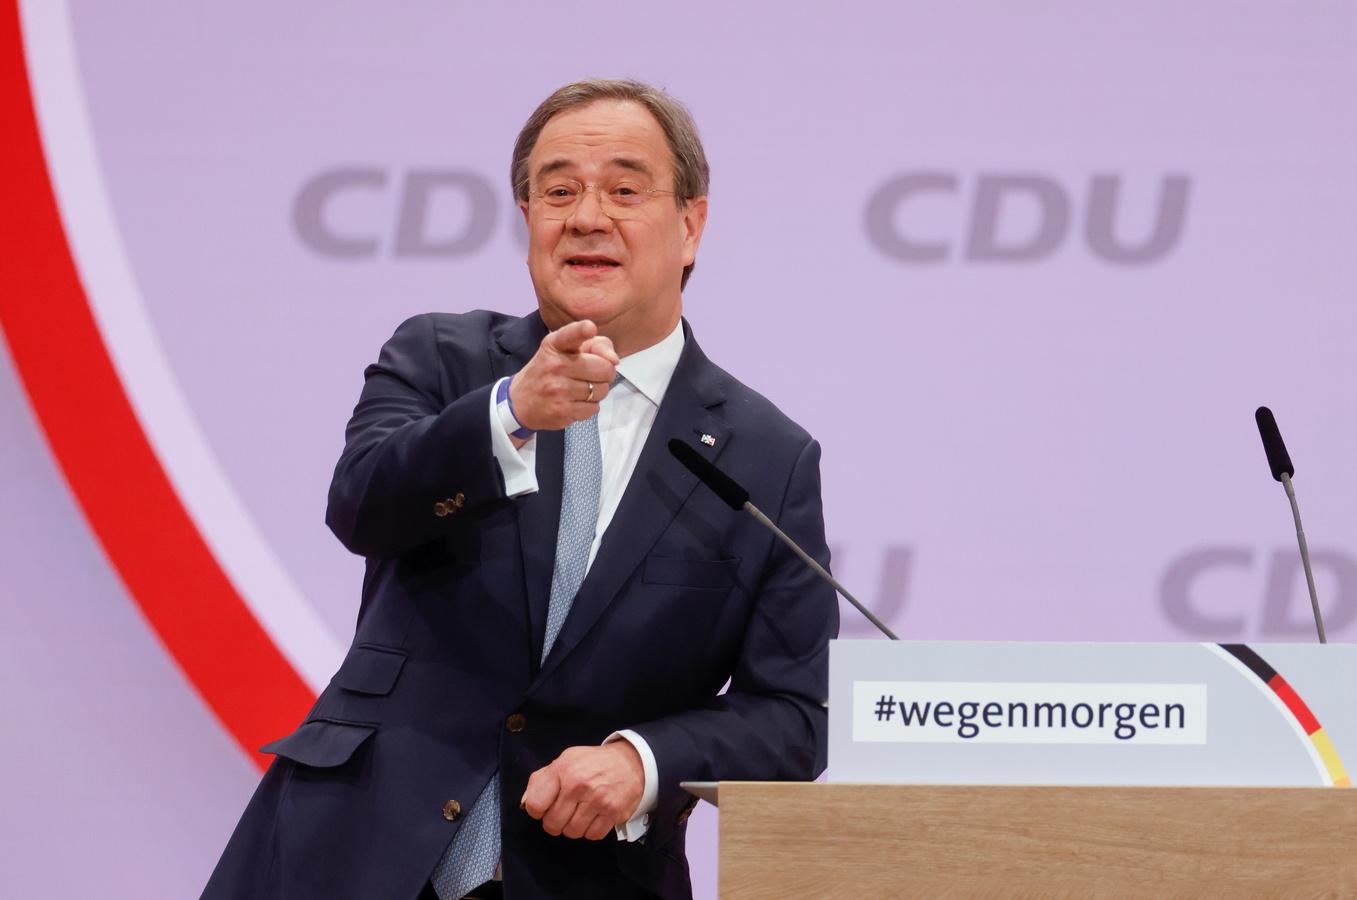 Будущий канцлер? В Германии избрали нового председателя правящей партии ХДС